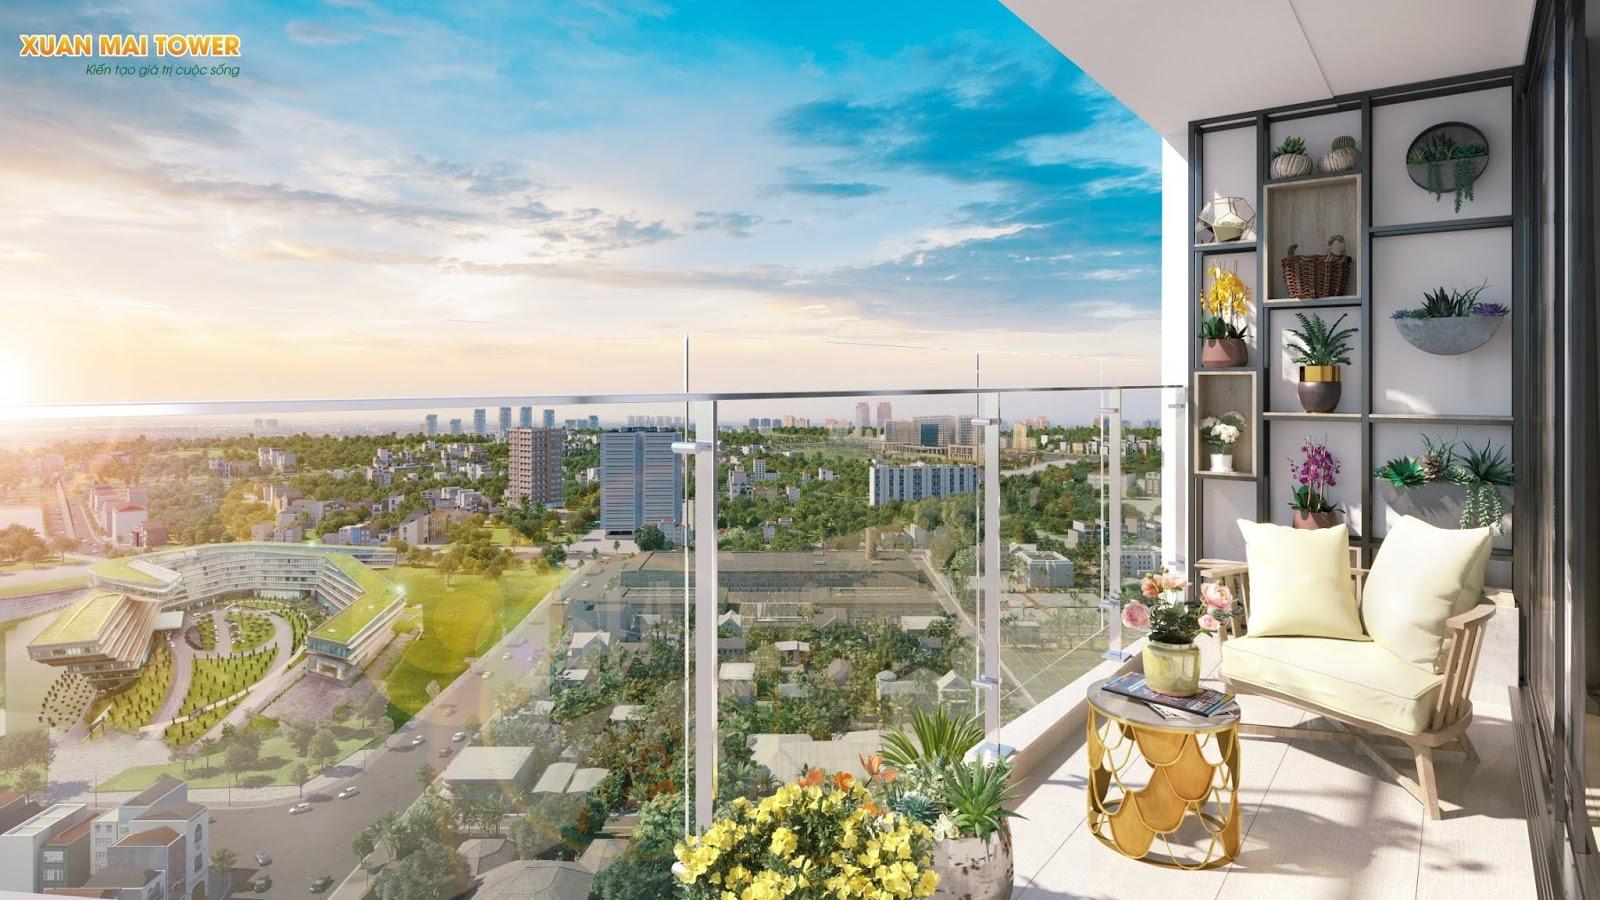 Ban công của dự án chung cư Xuân Mai Tower